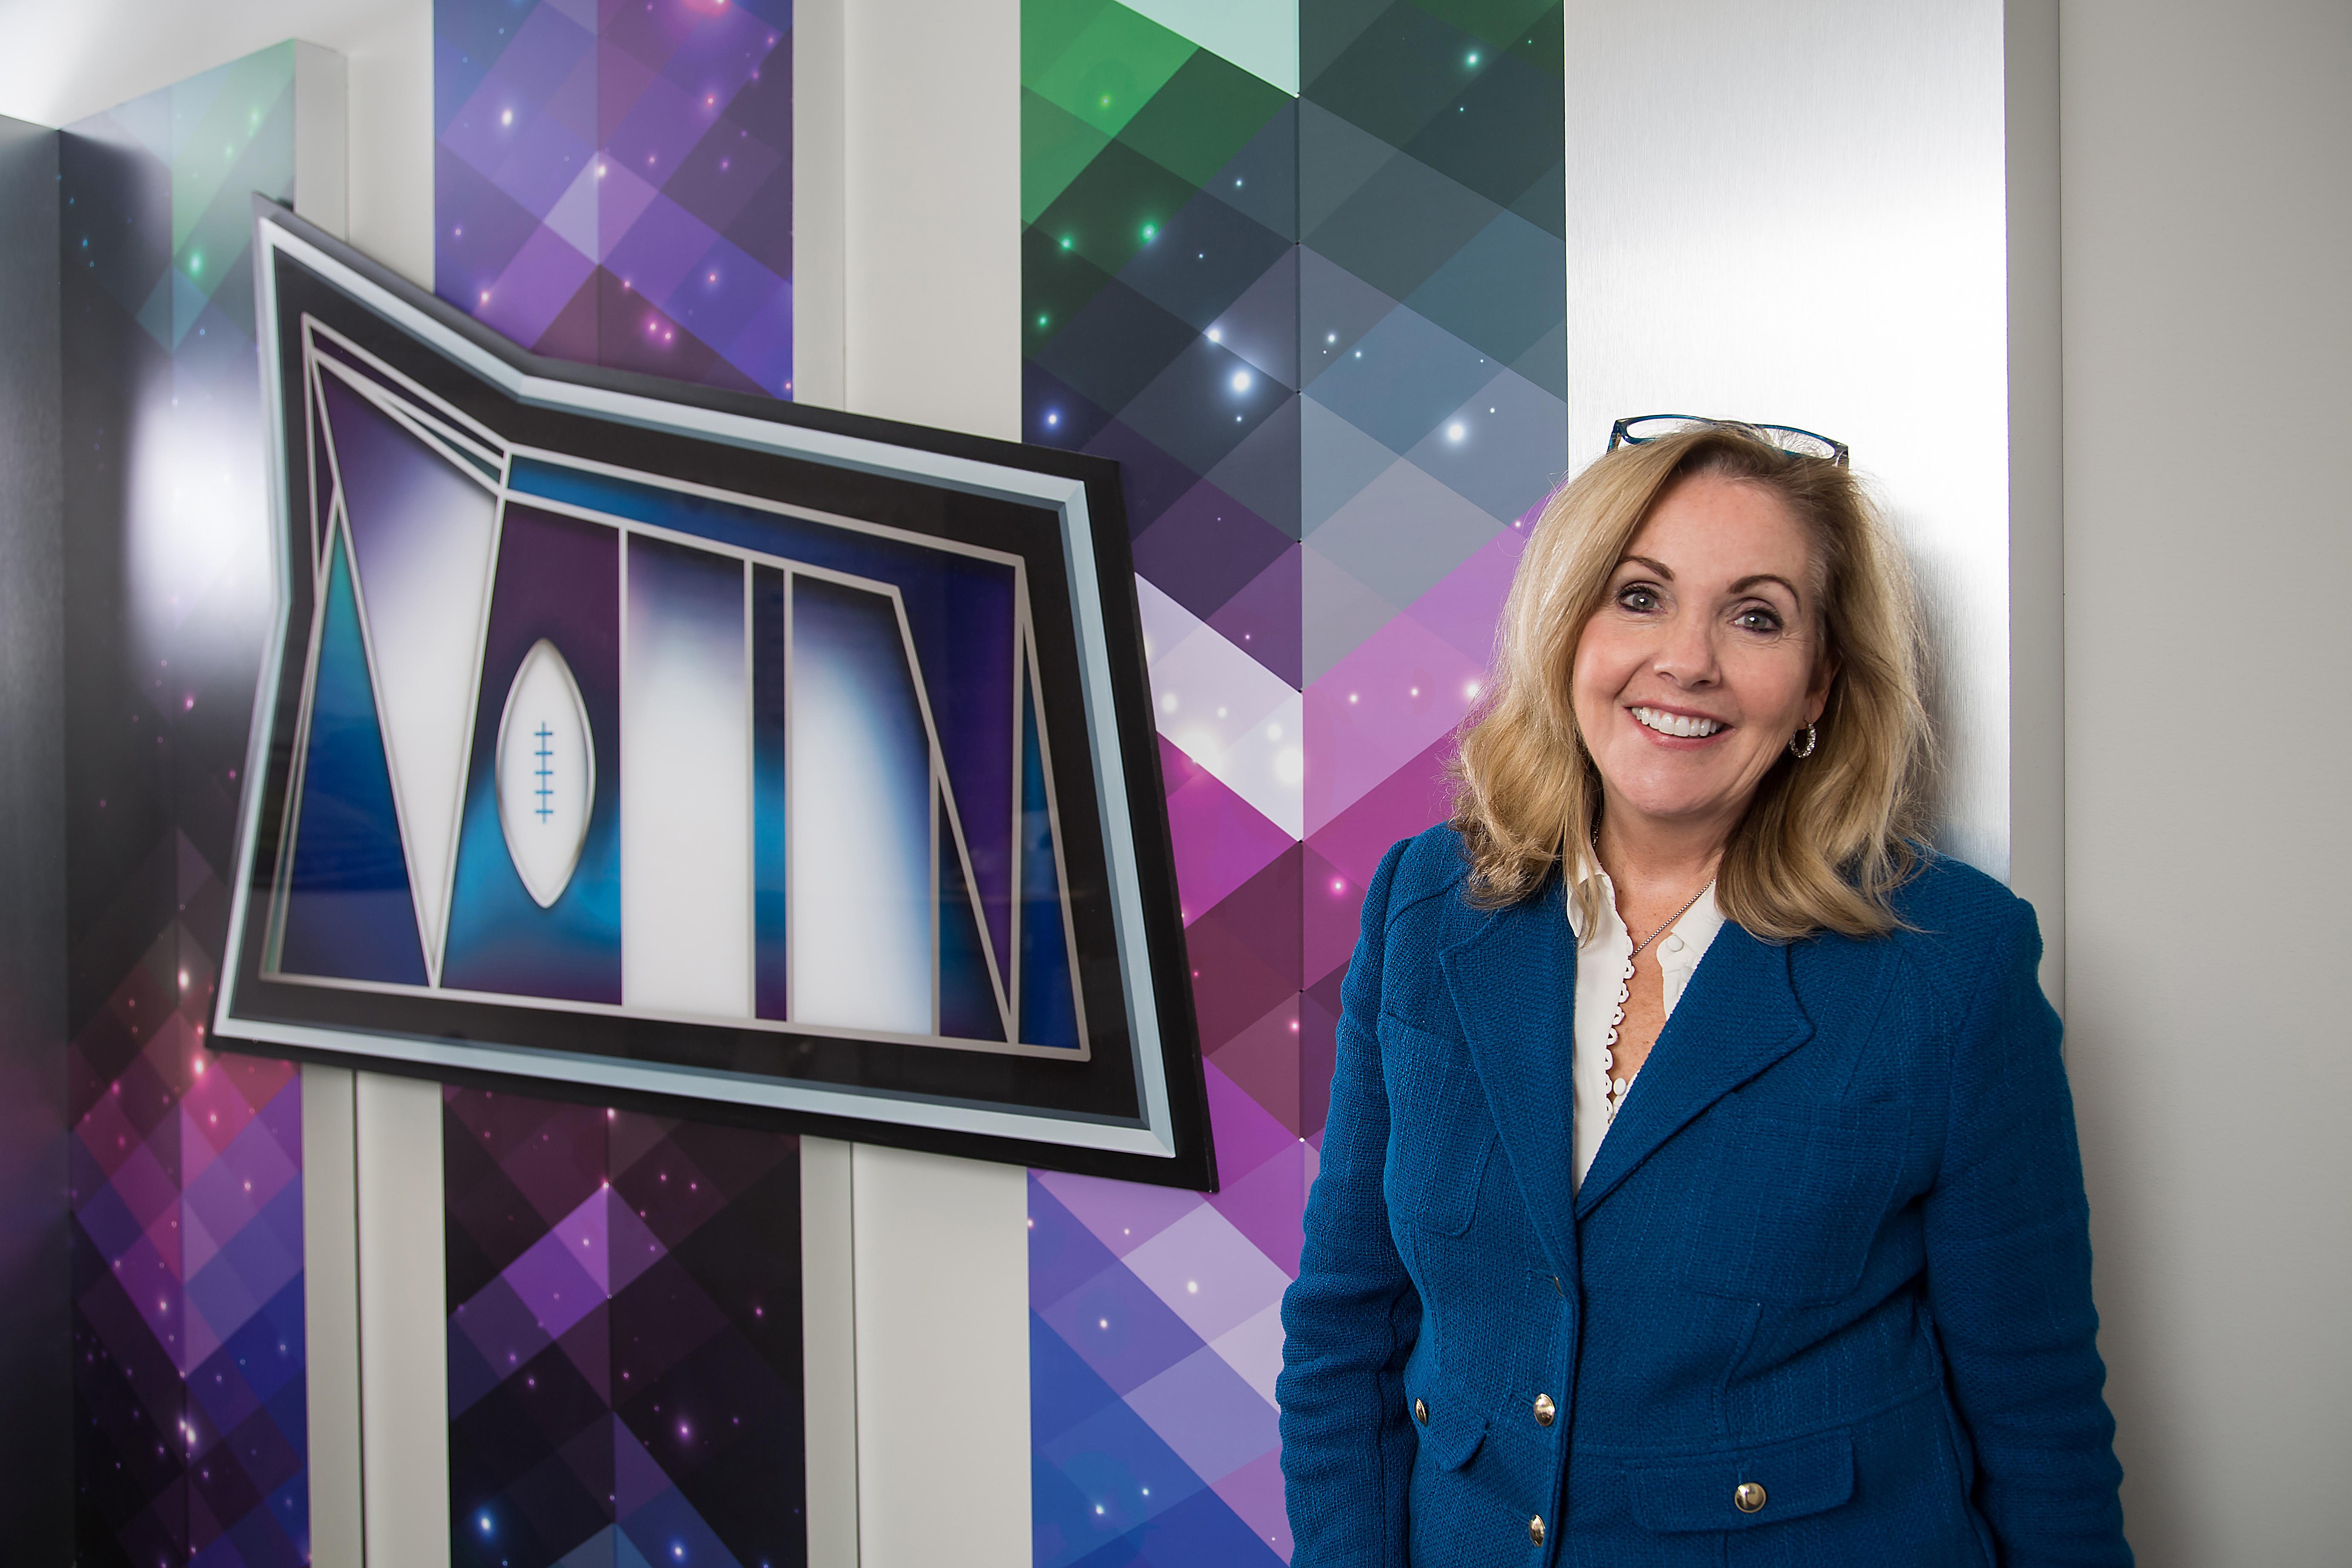 CEO of the Minnesota Super Bowl Host Committee Maureen Bausch